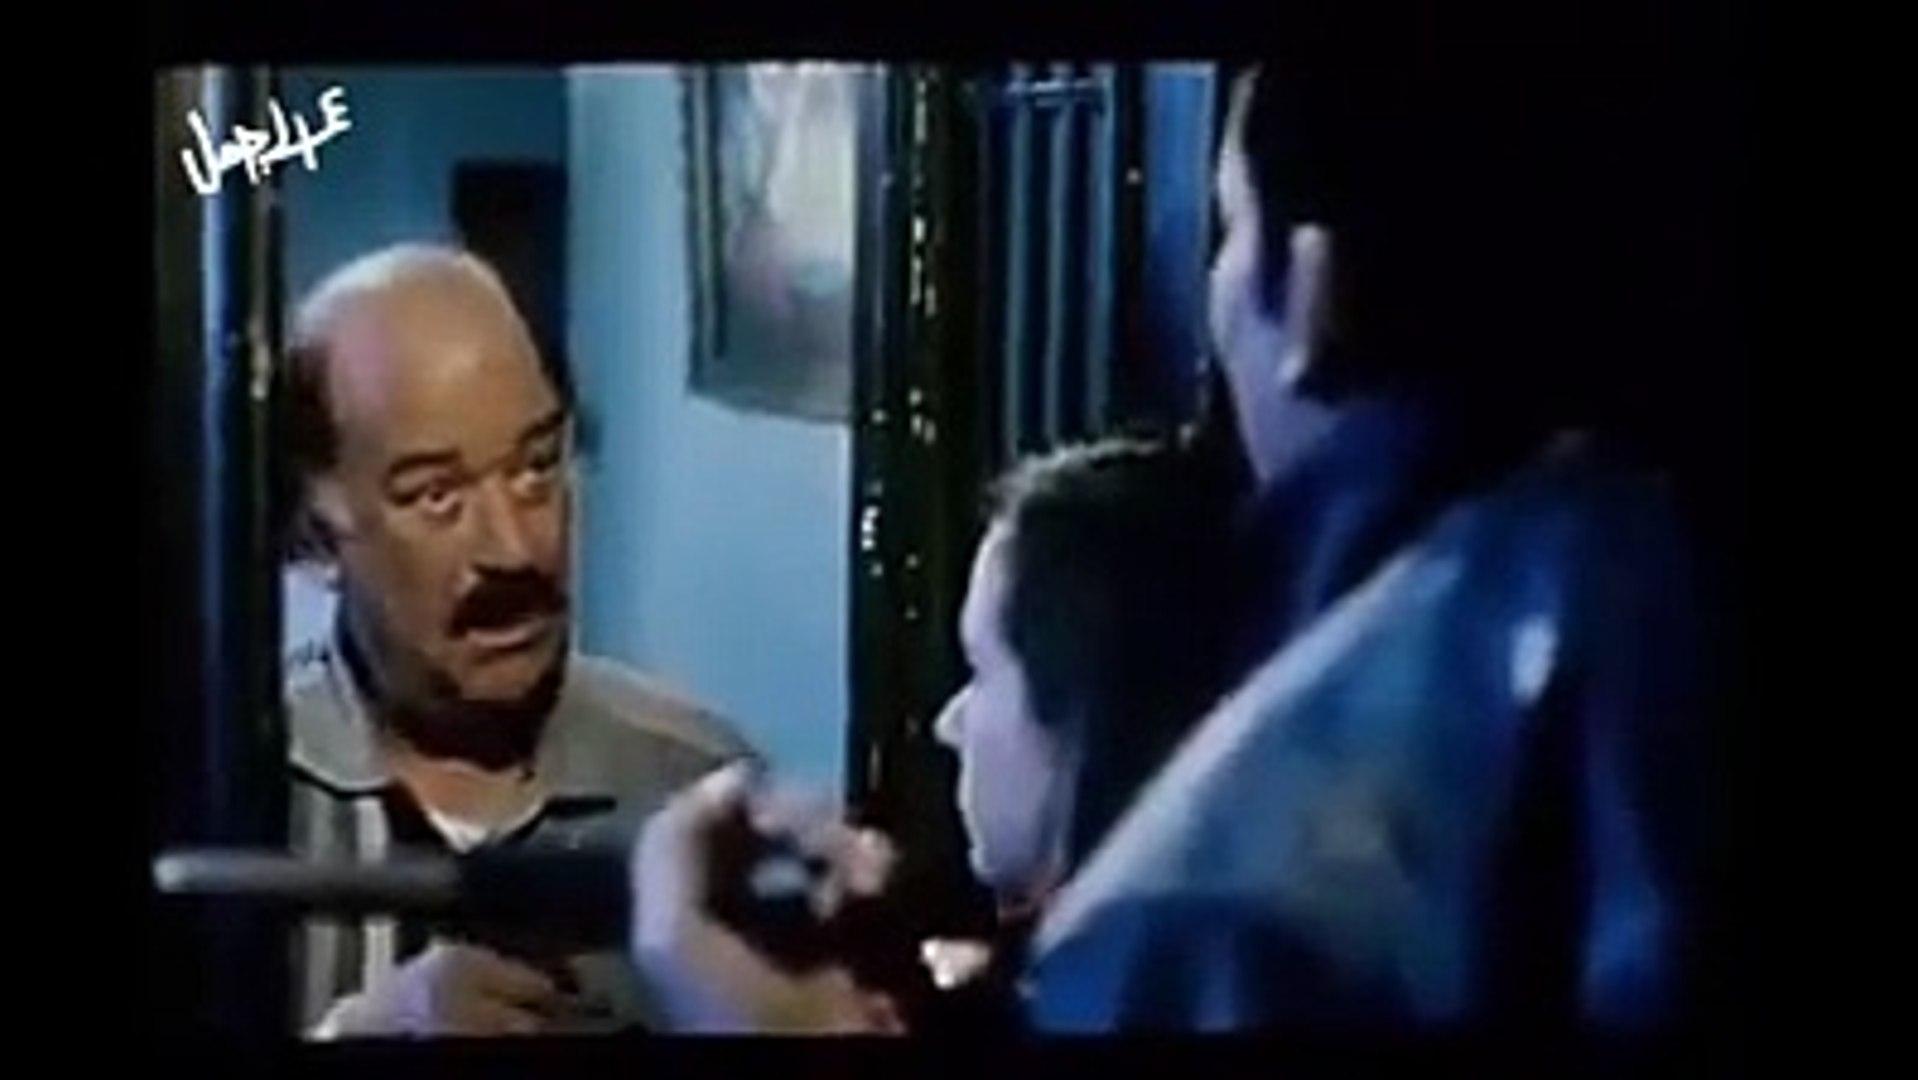 حسن حسنى يشخر لنيلى كريم و هانى رمزى فى فيلم غبى منه فيه هتموت من الضحك